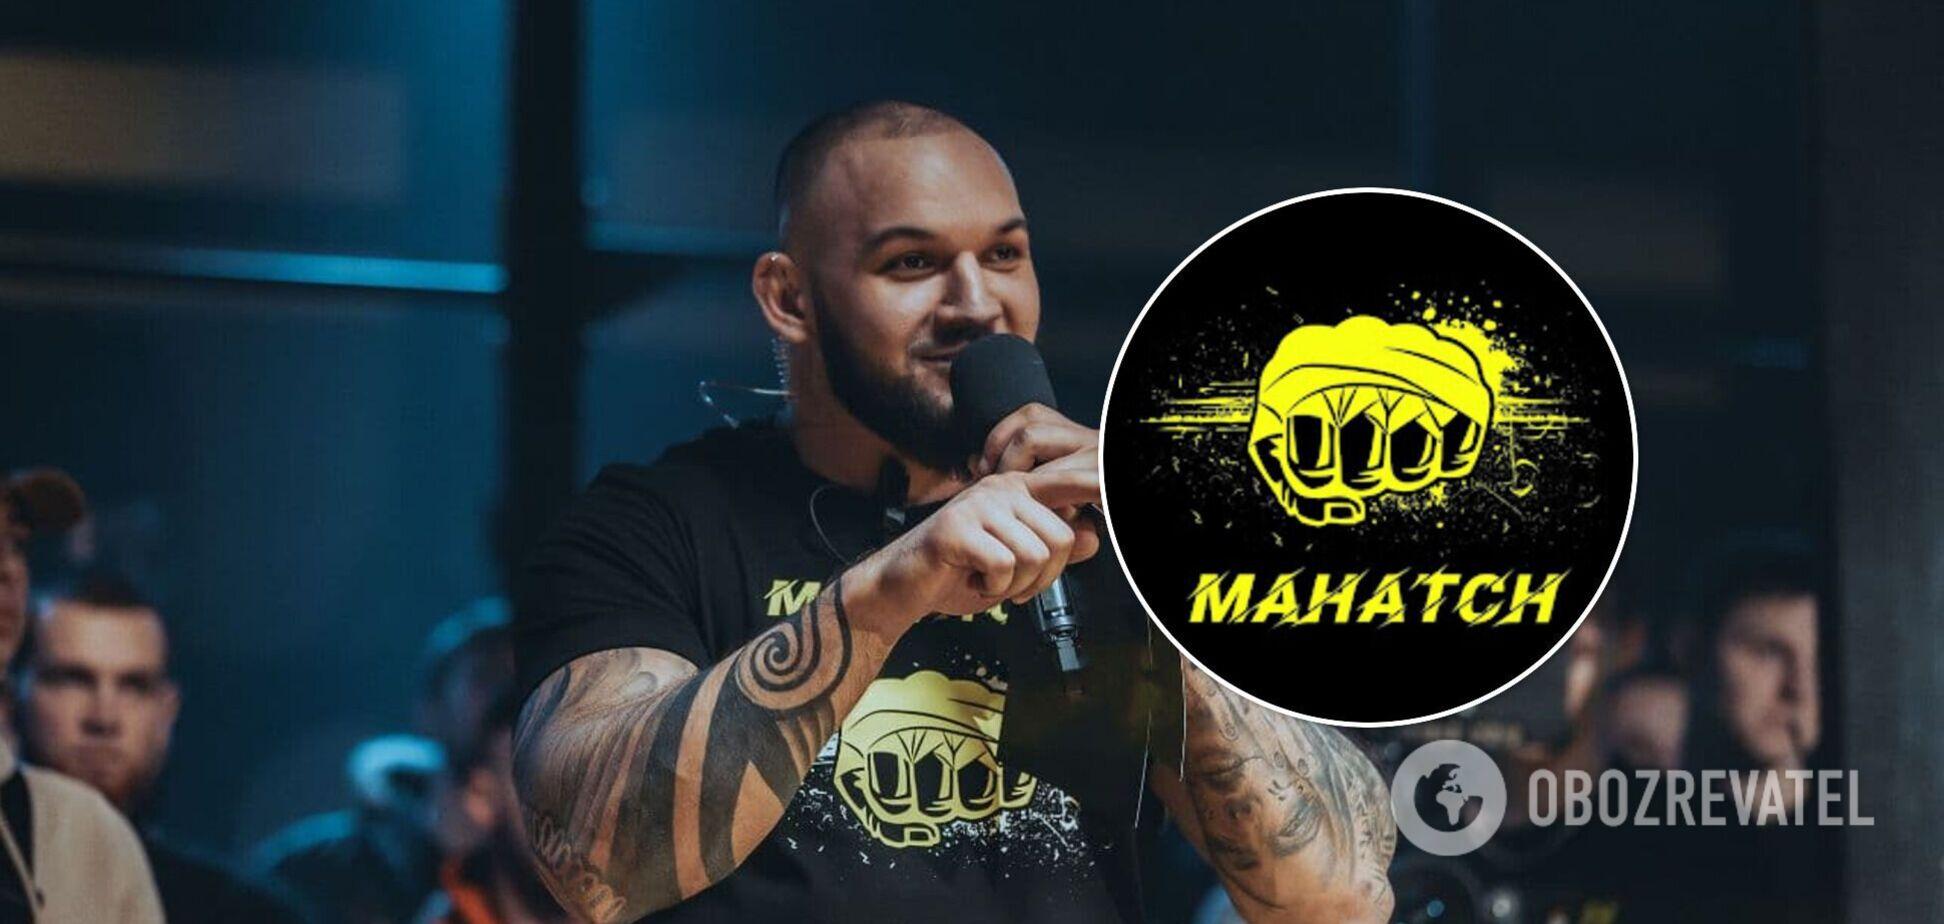 Украинский спортивный промоушен Mahatch купил бизнесмен из Казахстана: Лимонтов рассказал о сделке